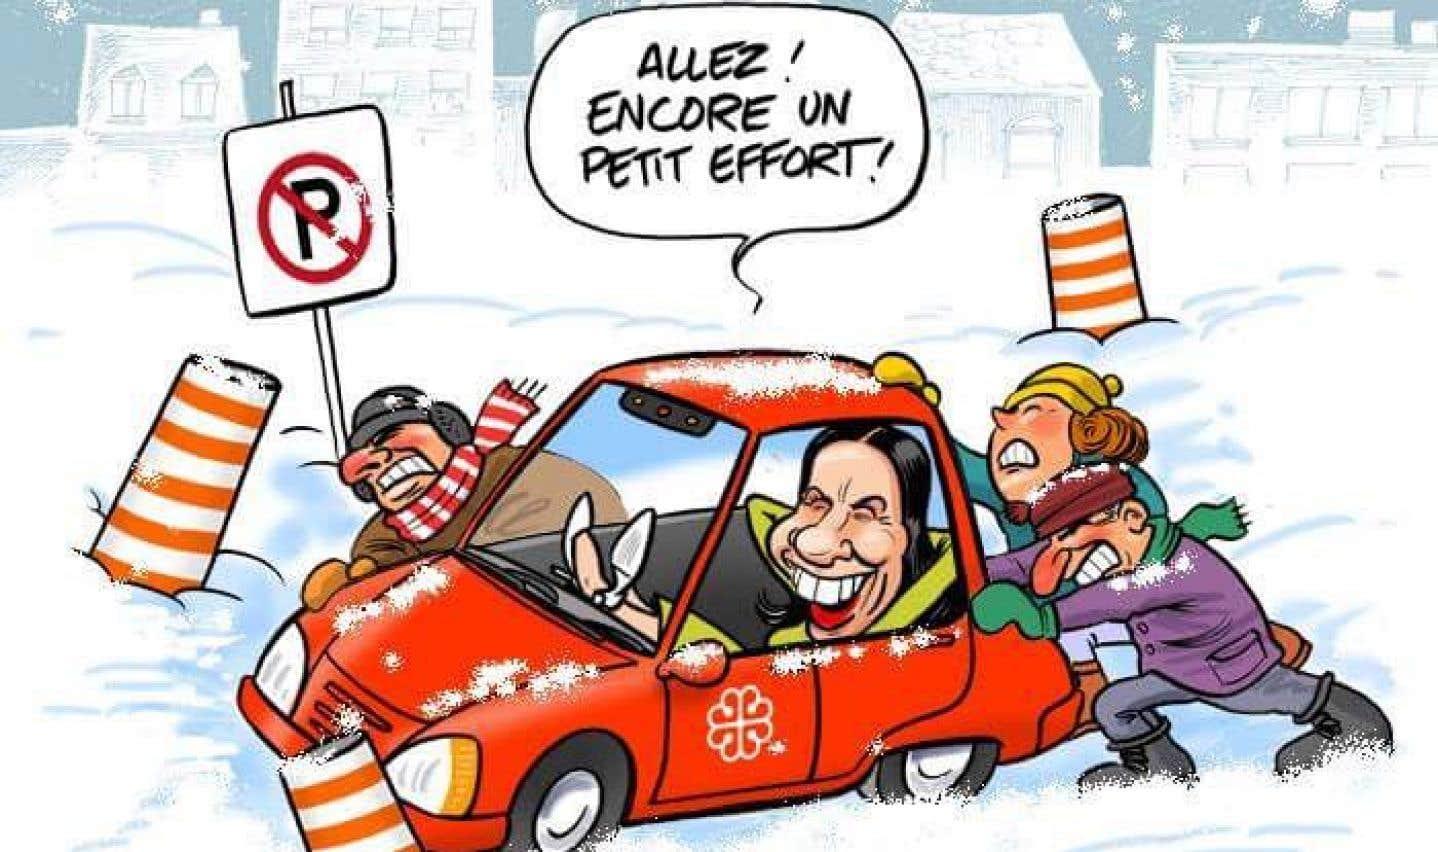 Trois caricaturistes québécois dessineront pour La Torche 2.0, dont Christian Daigle, alias Fleg.